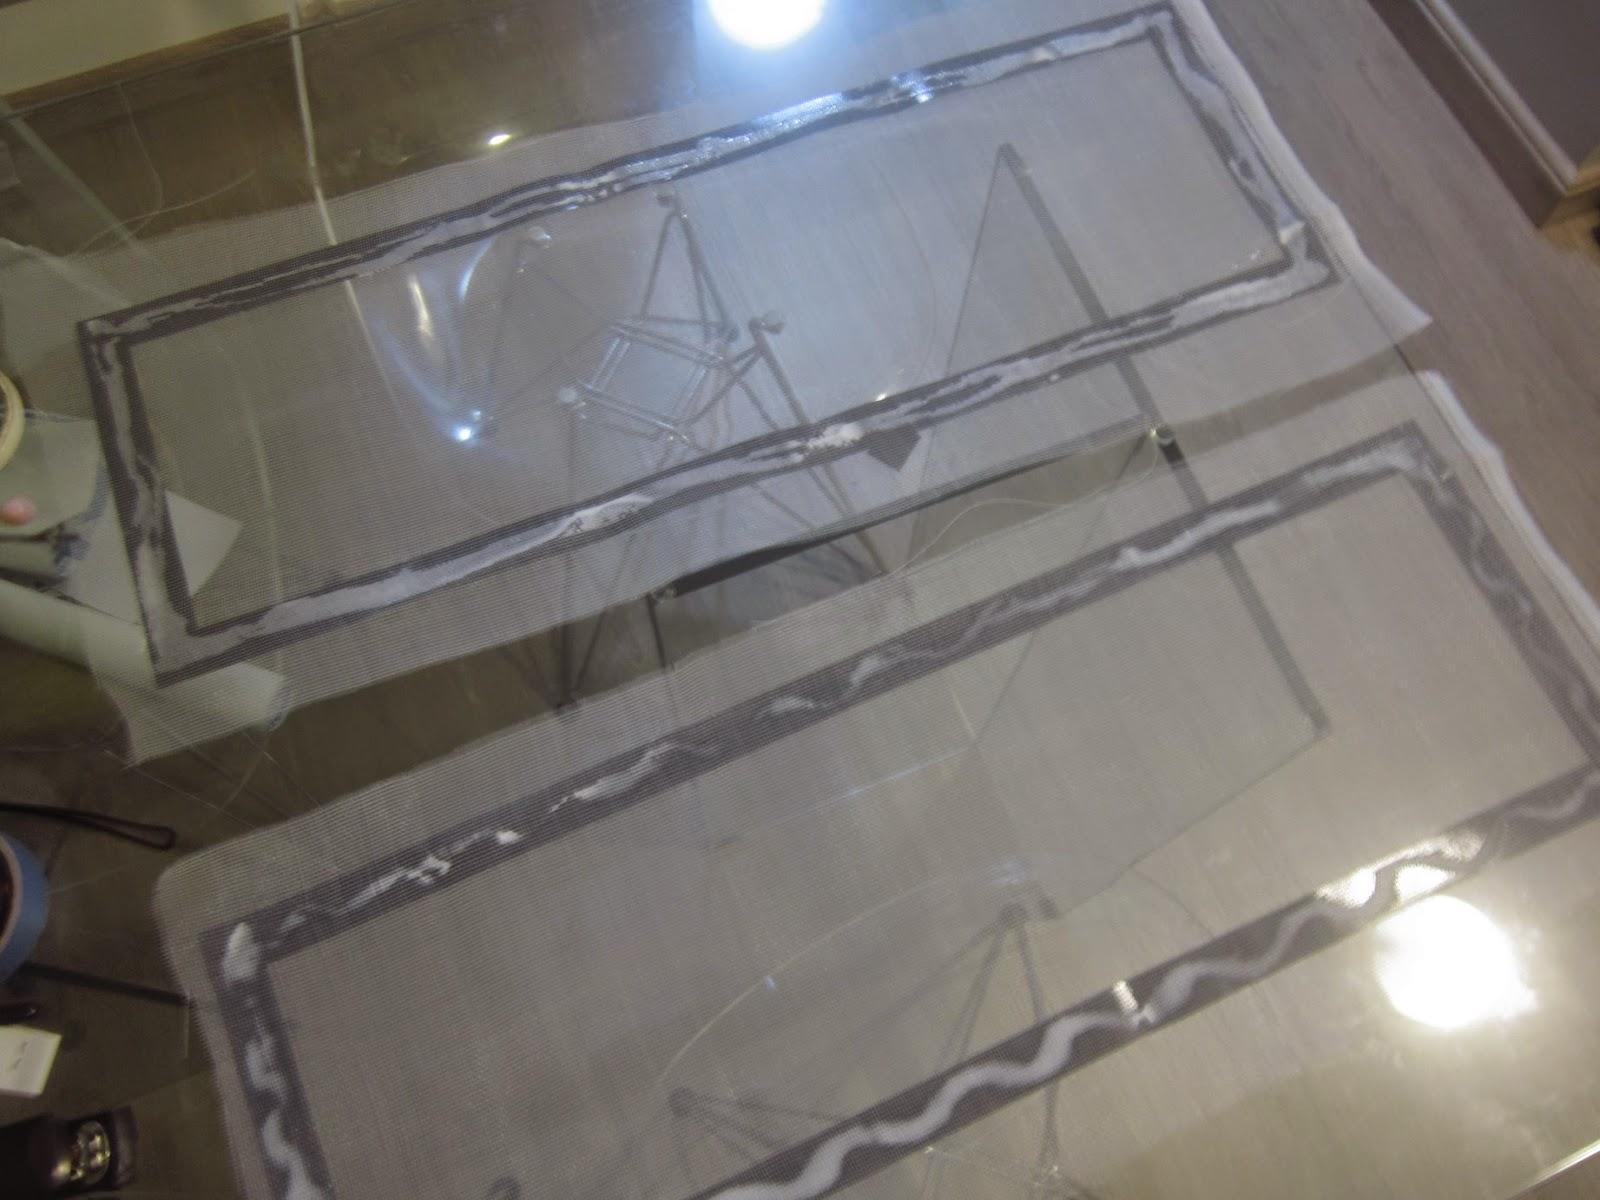 de tela mosquiteiro para garantir joguei um pouco de cola e deixei #2C5D9F 1600x1200